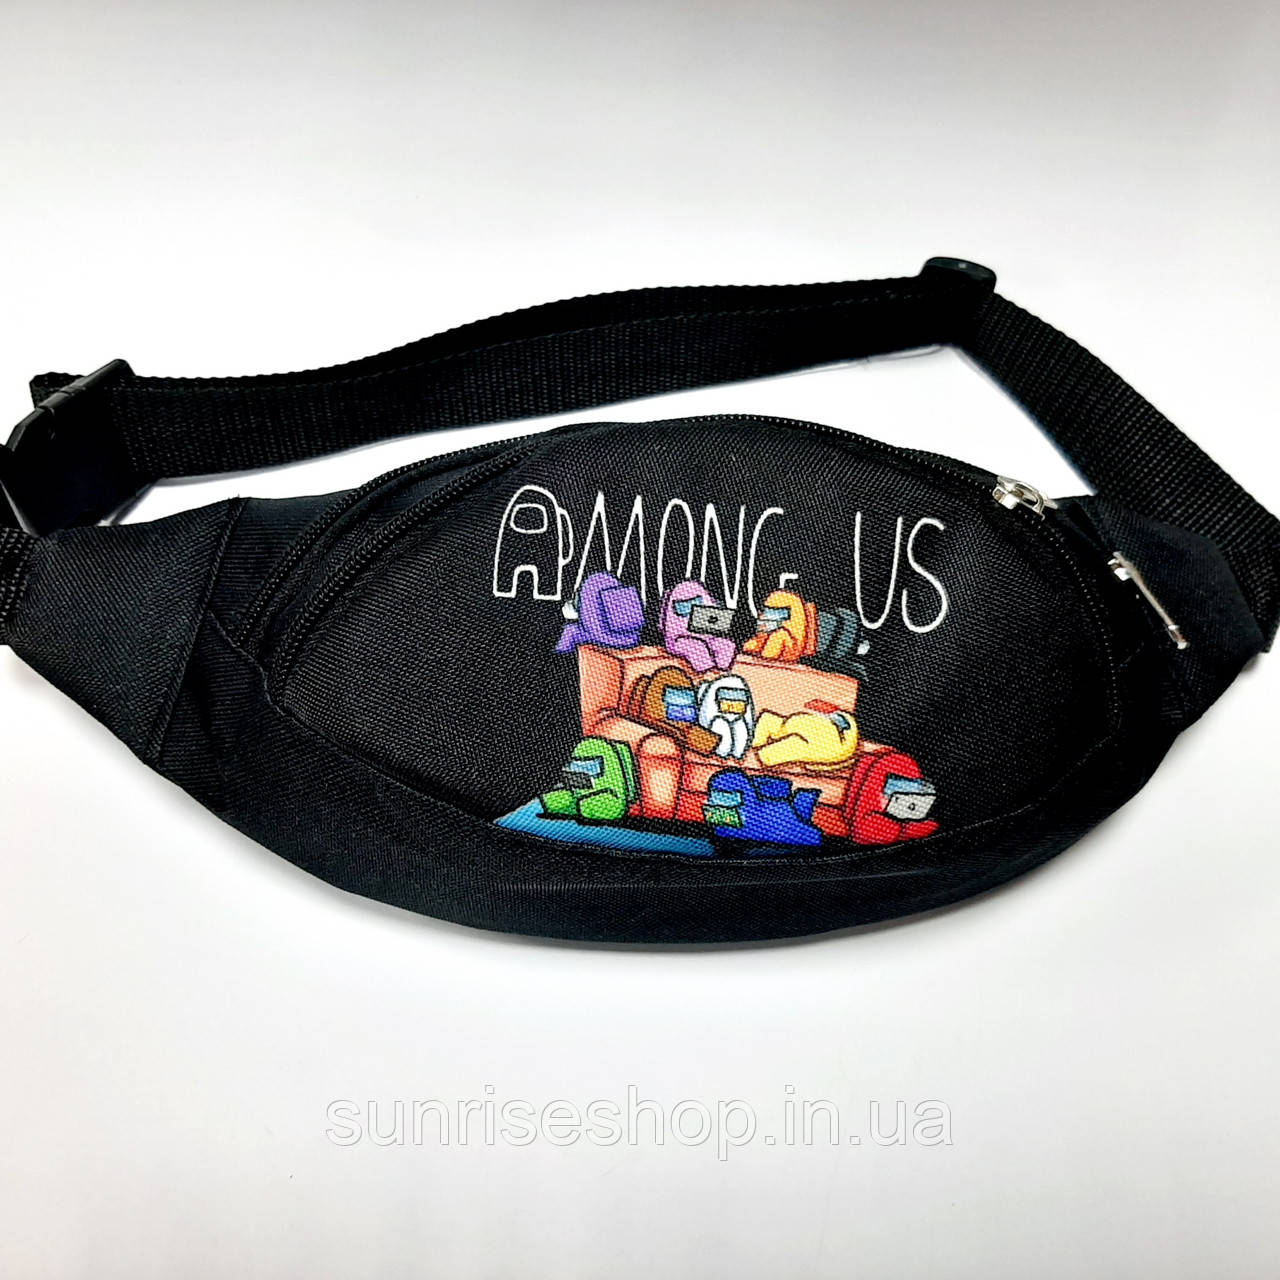 Поясная детская сумка бананка AMONG US опт